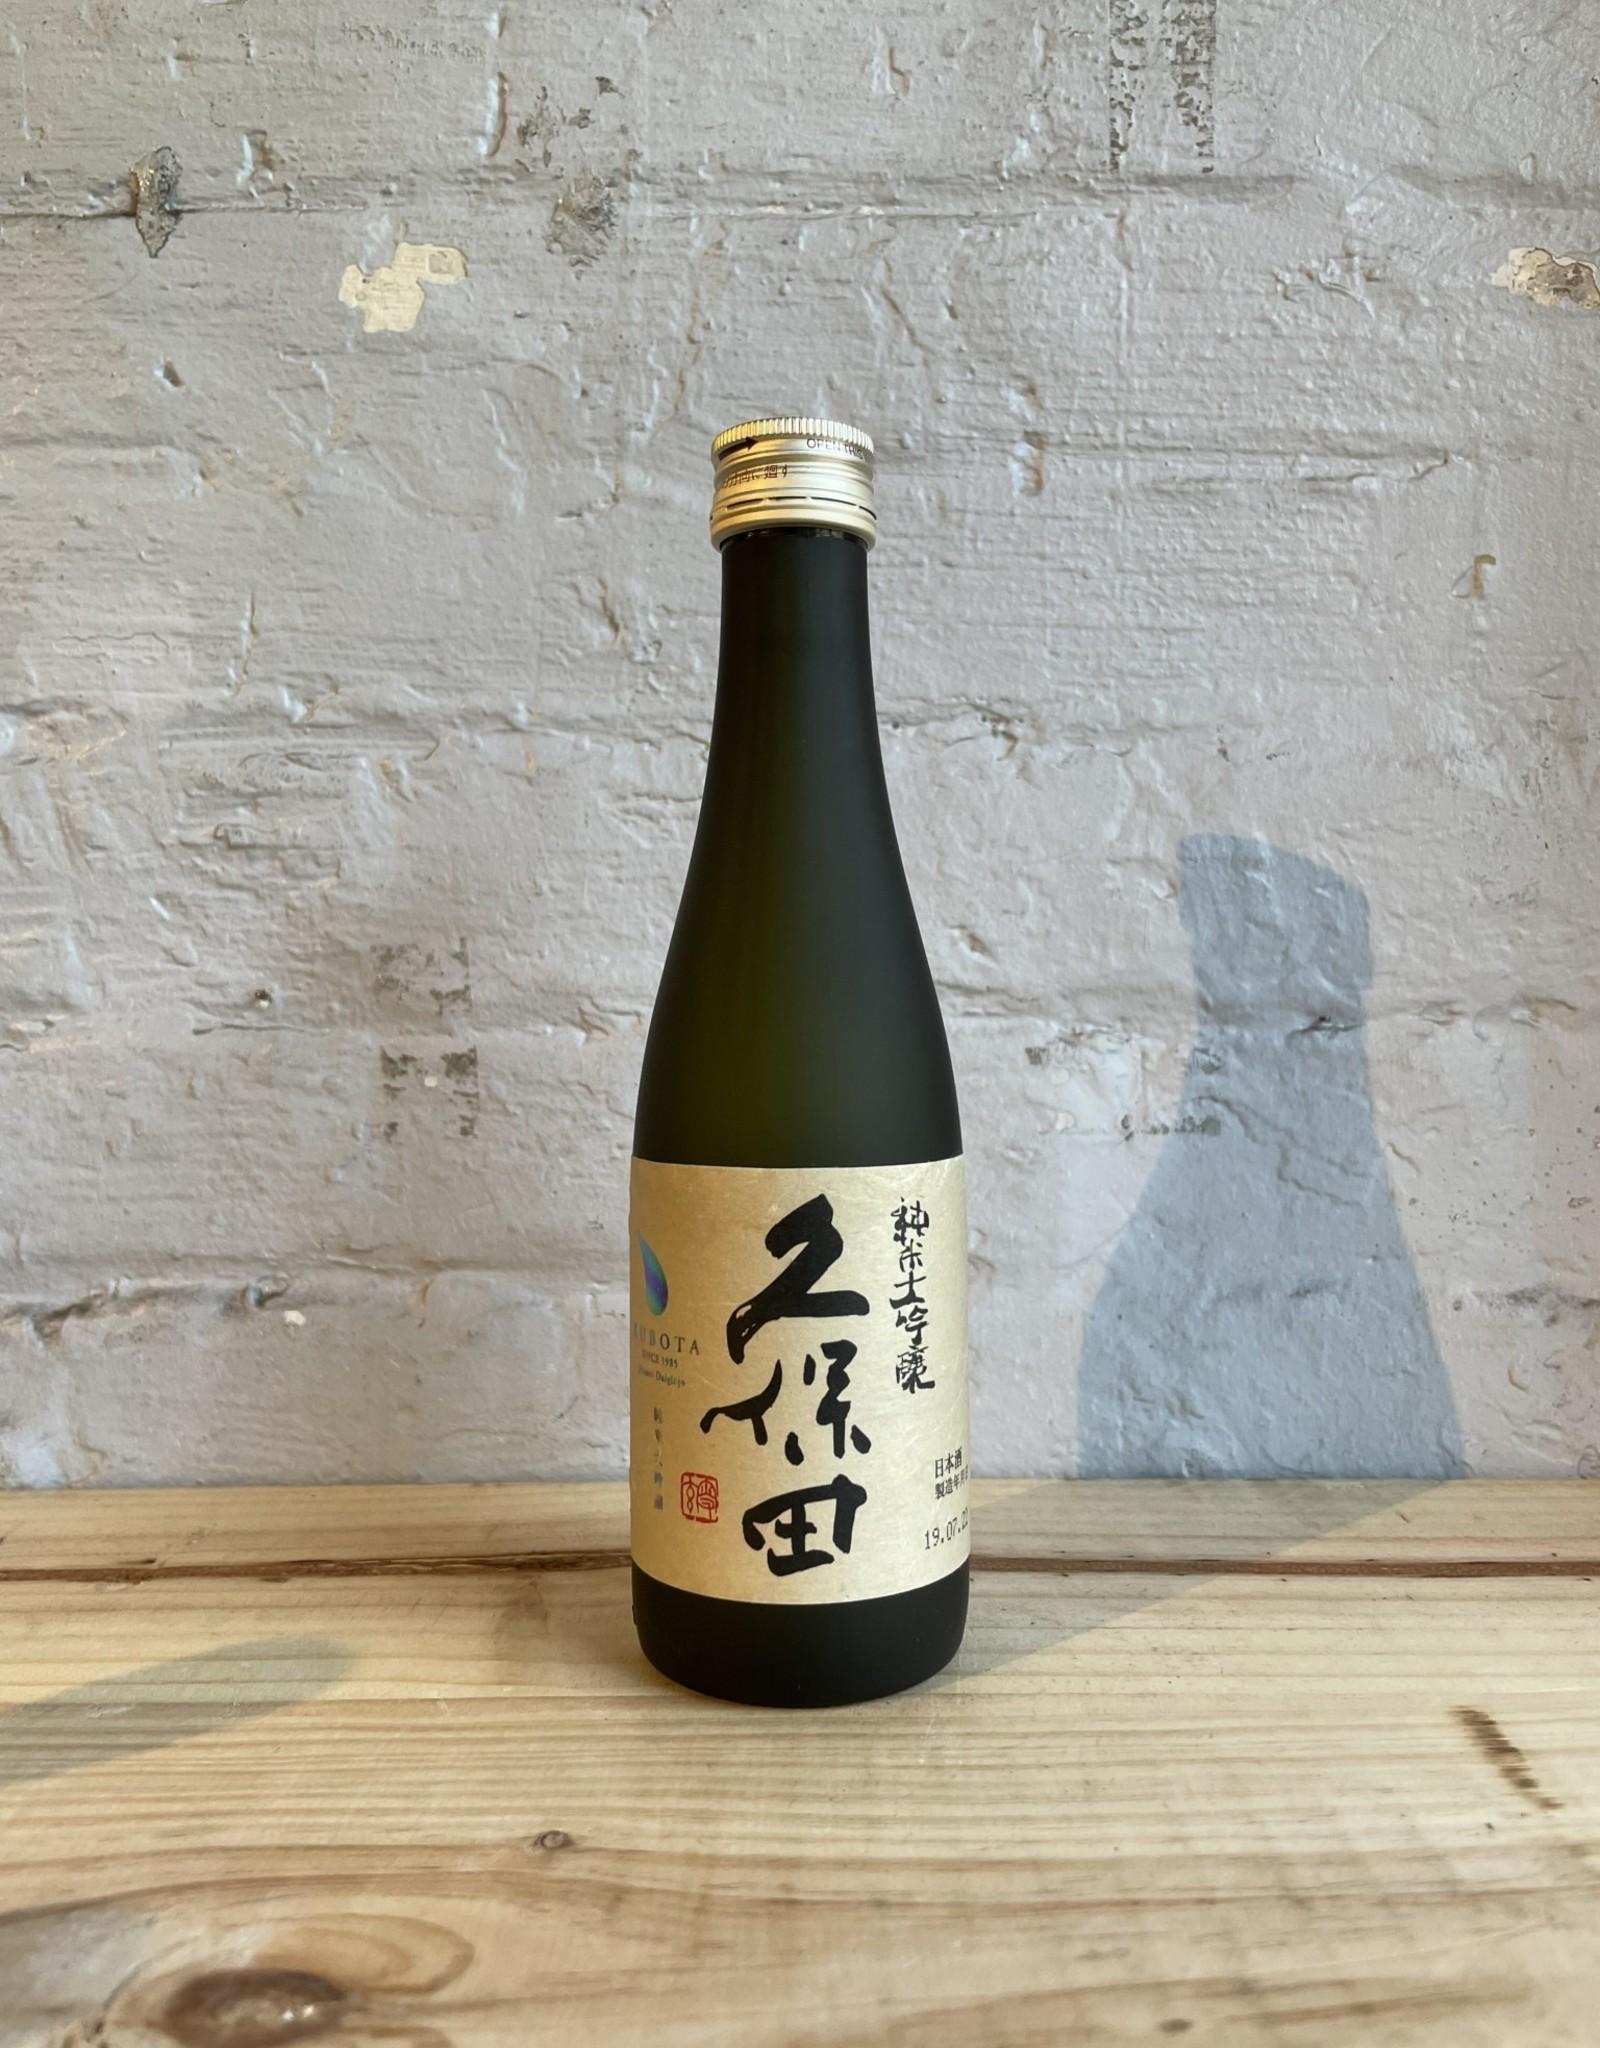 Sake & Shochu Asahi Shuzo Kubota Junmai Daiginjo Sake - Chubu, Japan (300ml)